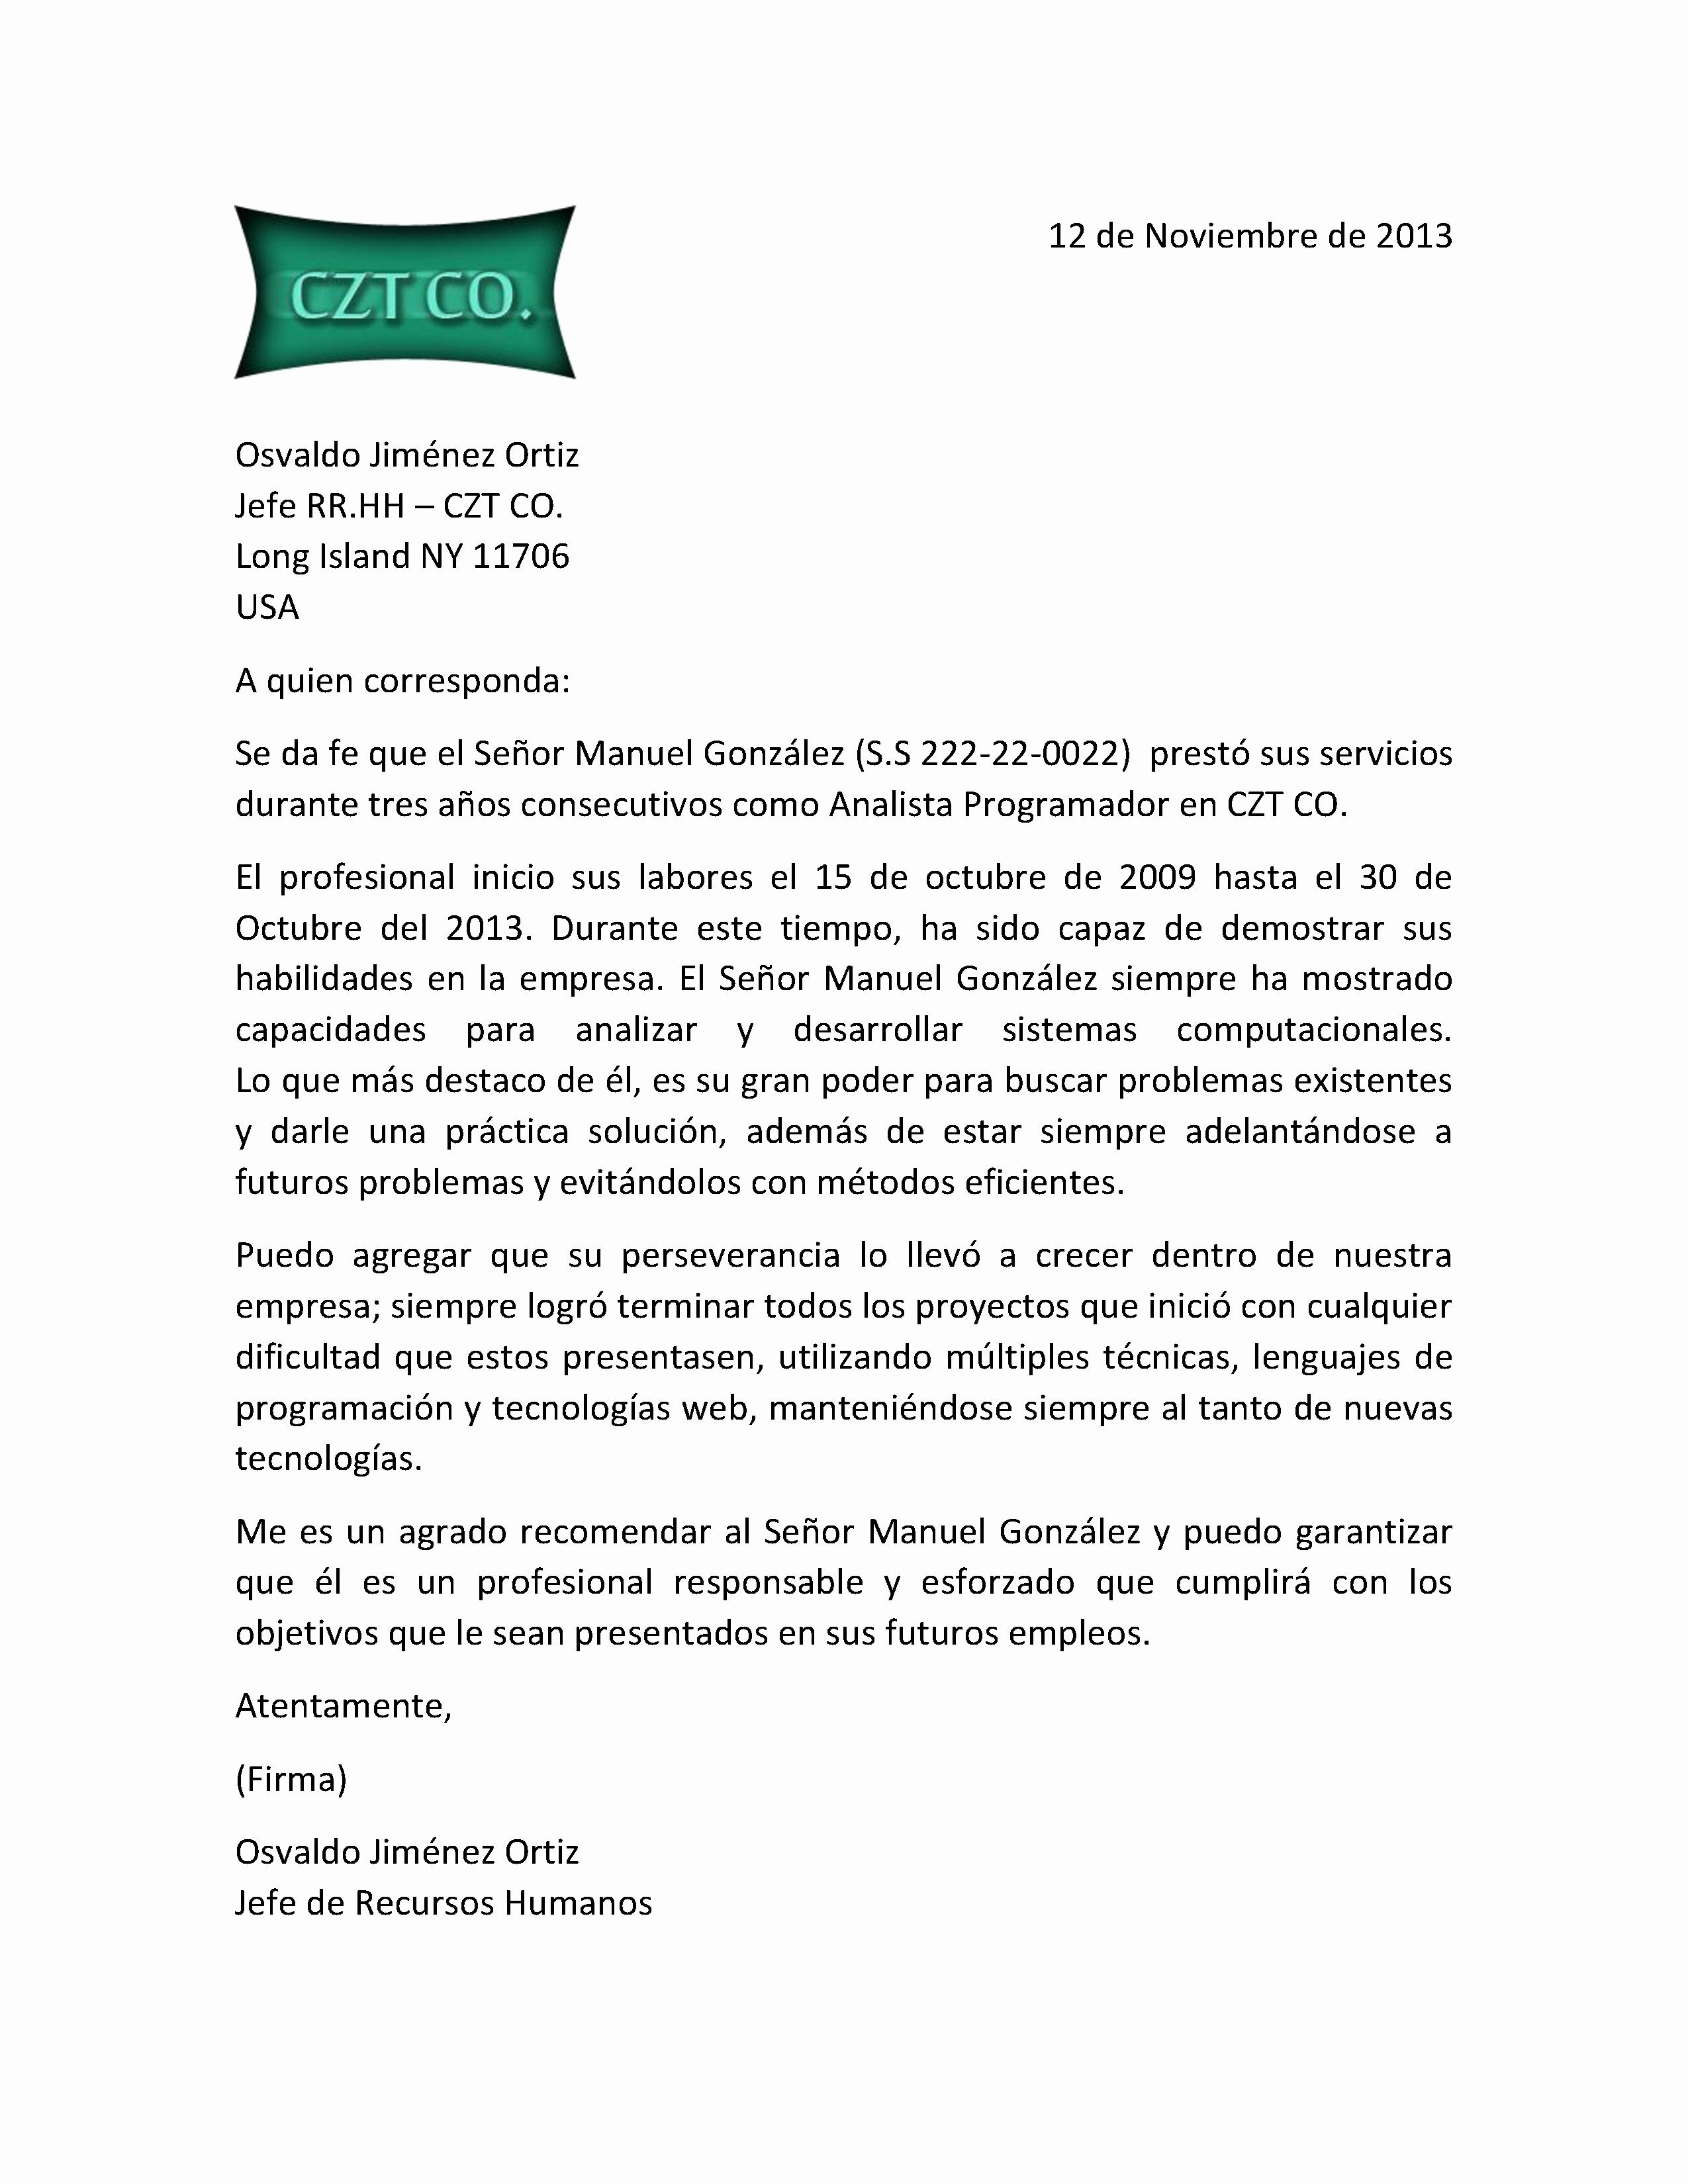 Modelos De Carta De Recomendacion Unique Modelo Carta De Re Endacion Maggi Locustdesign